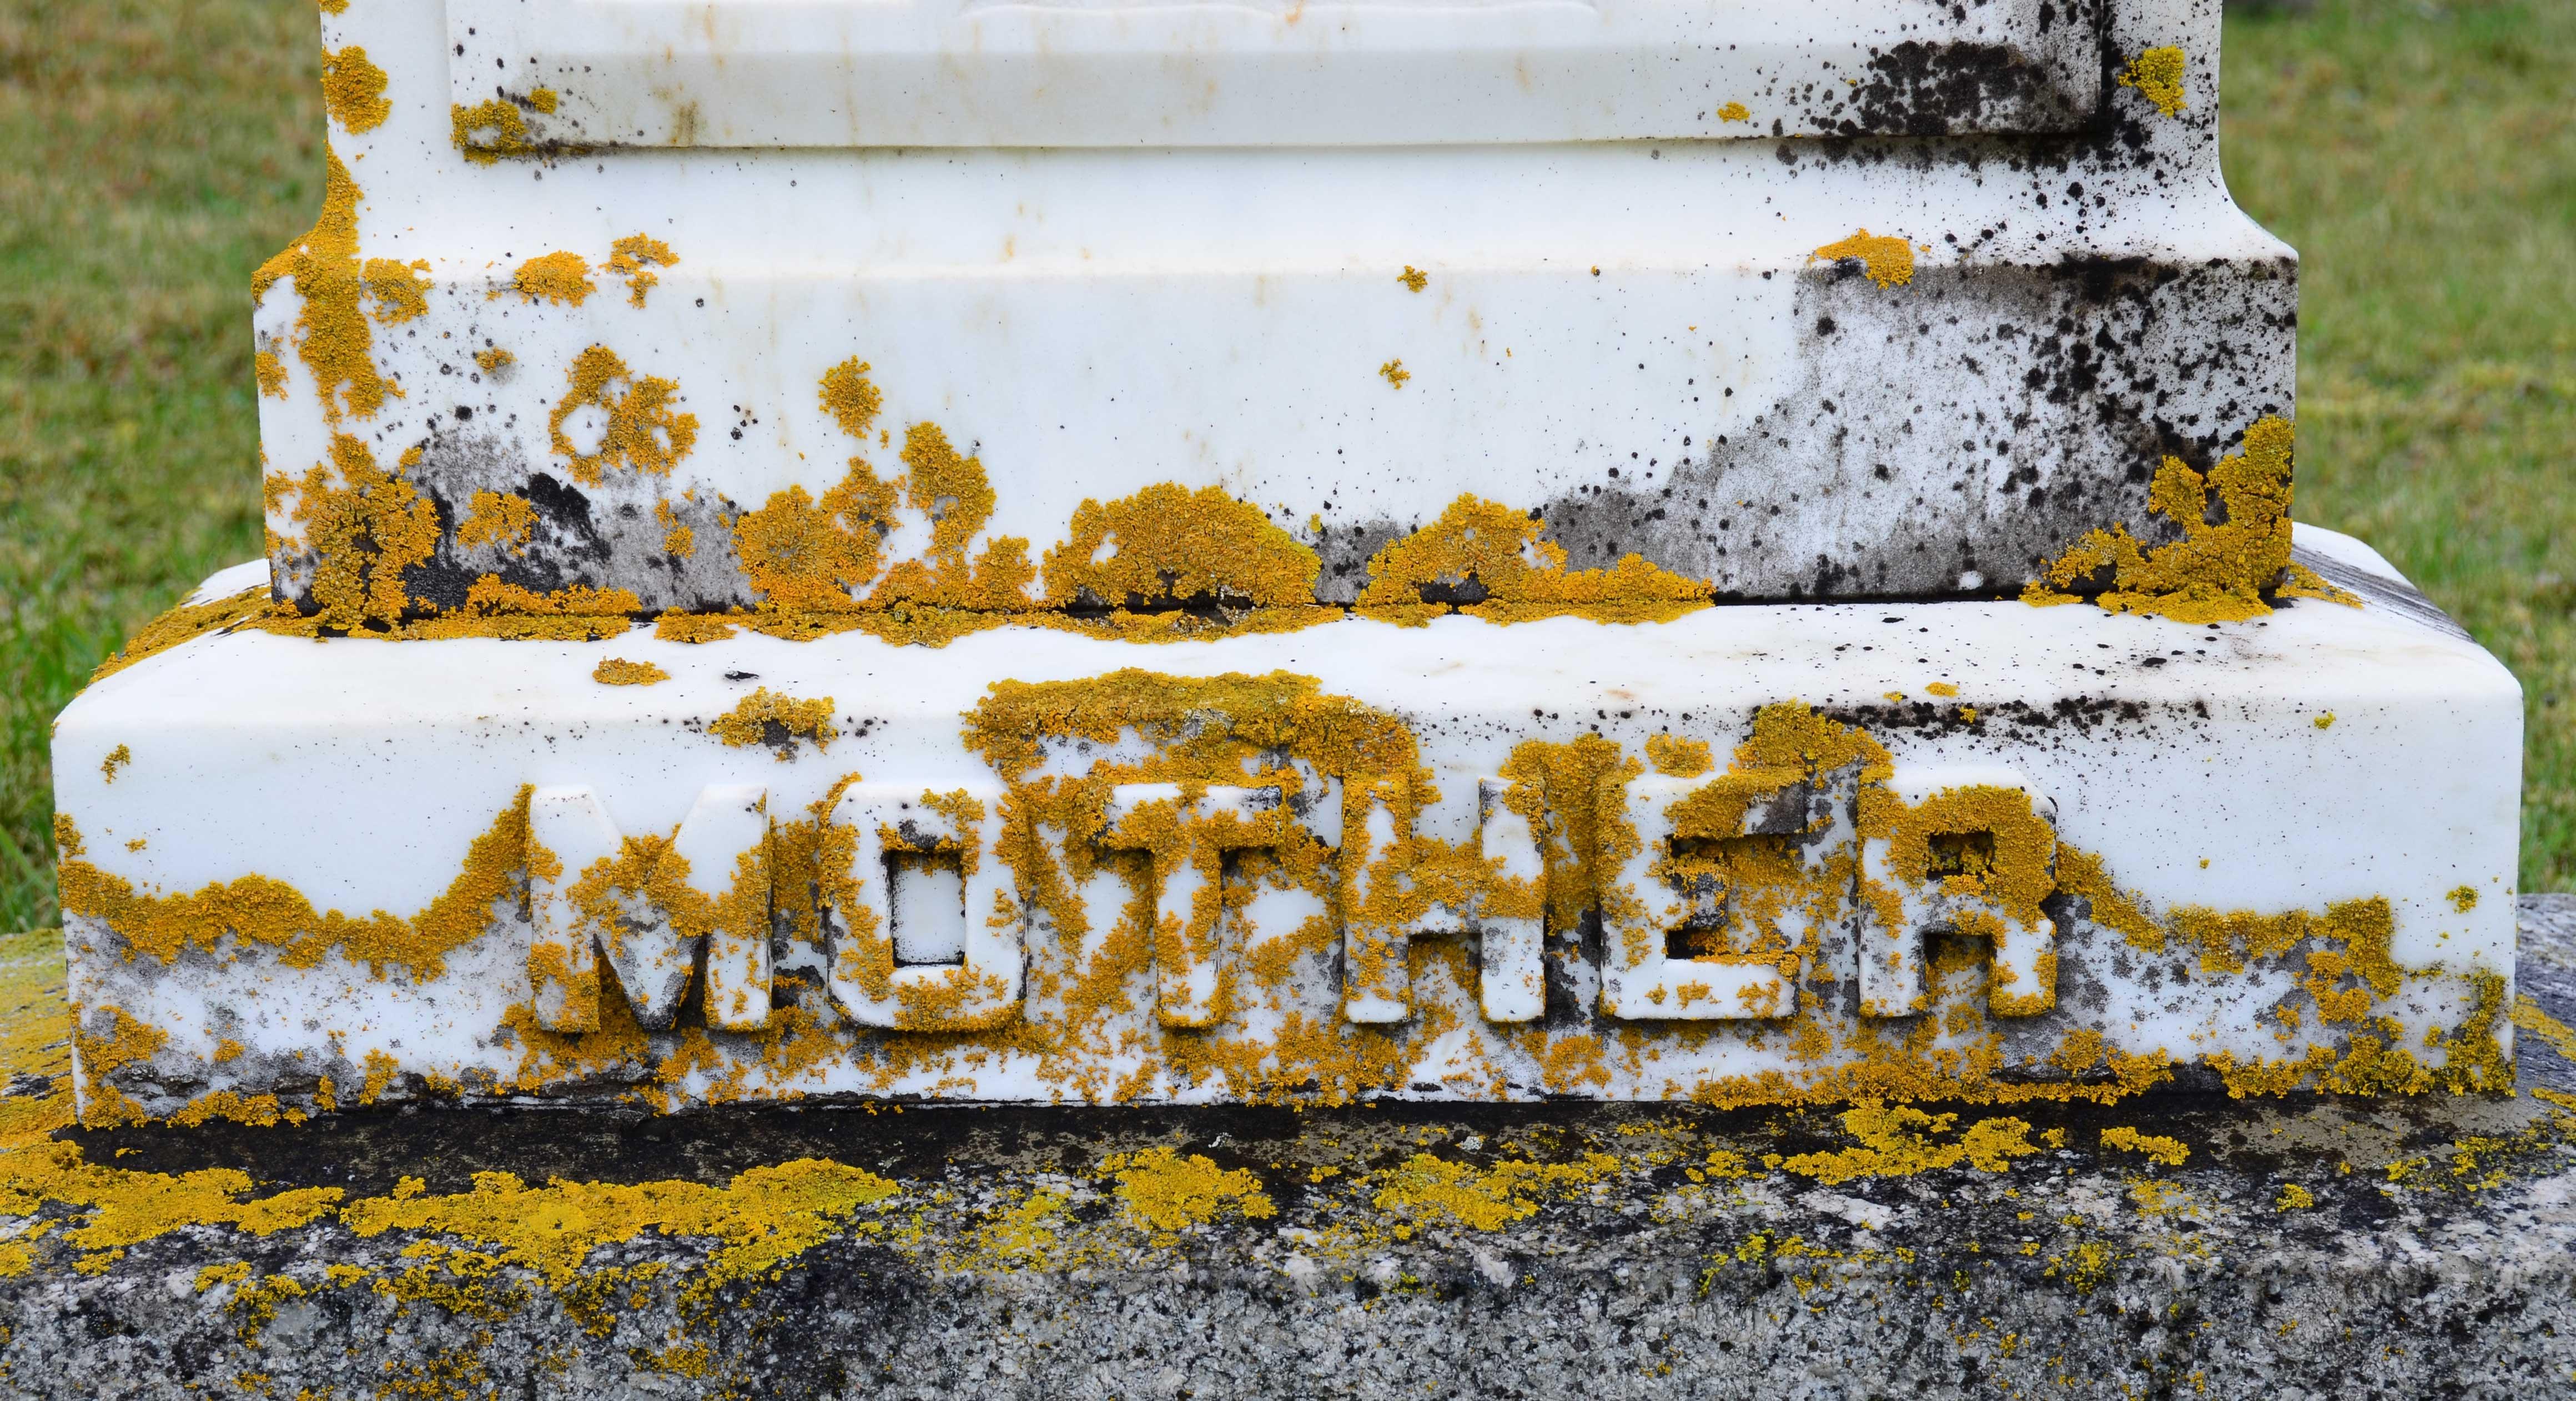 mDSC_9417